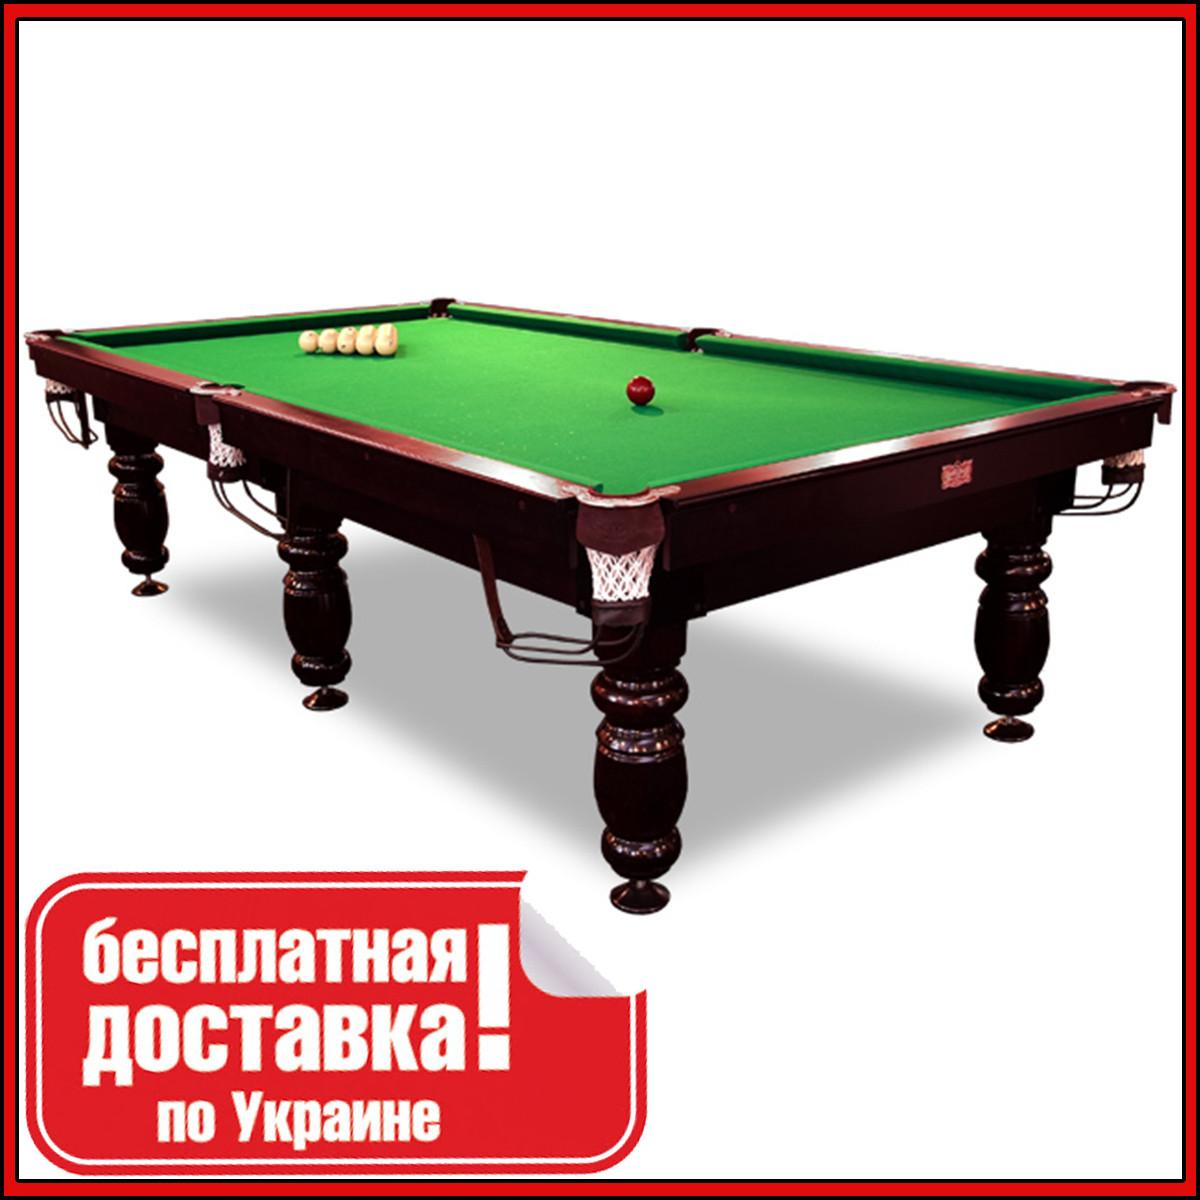 Бильярдный стол для пула КЛАССИК 2 ЛЮКС 9 футов Ардезия 2.6 м х 1.3 м из натурального дерева